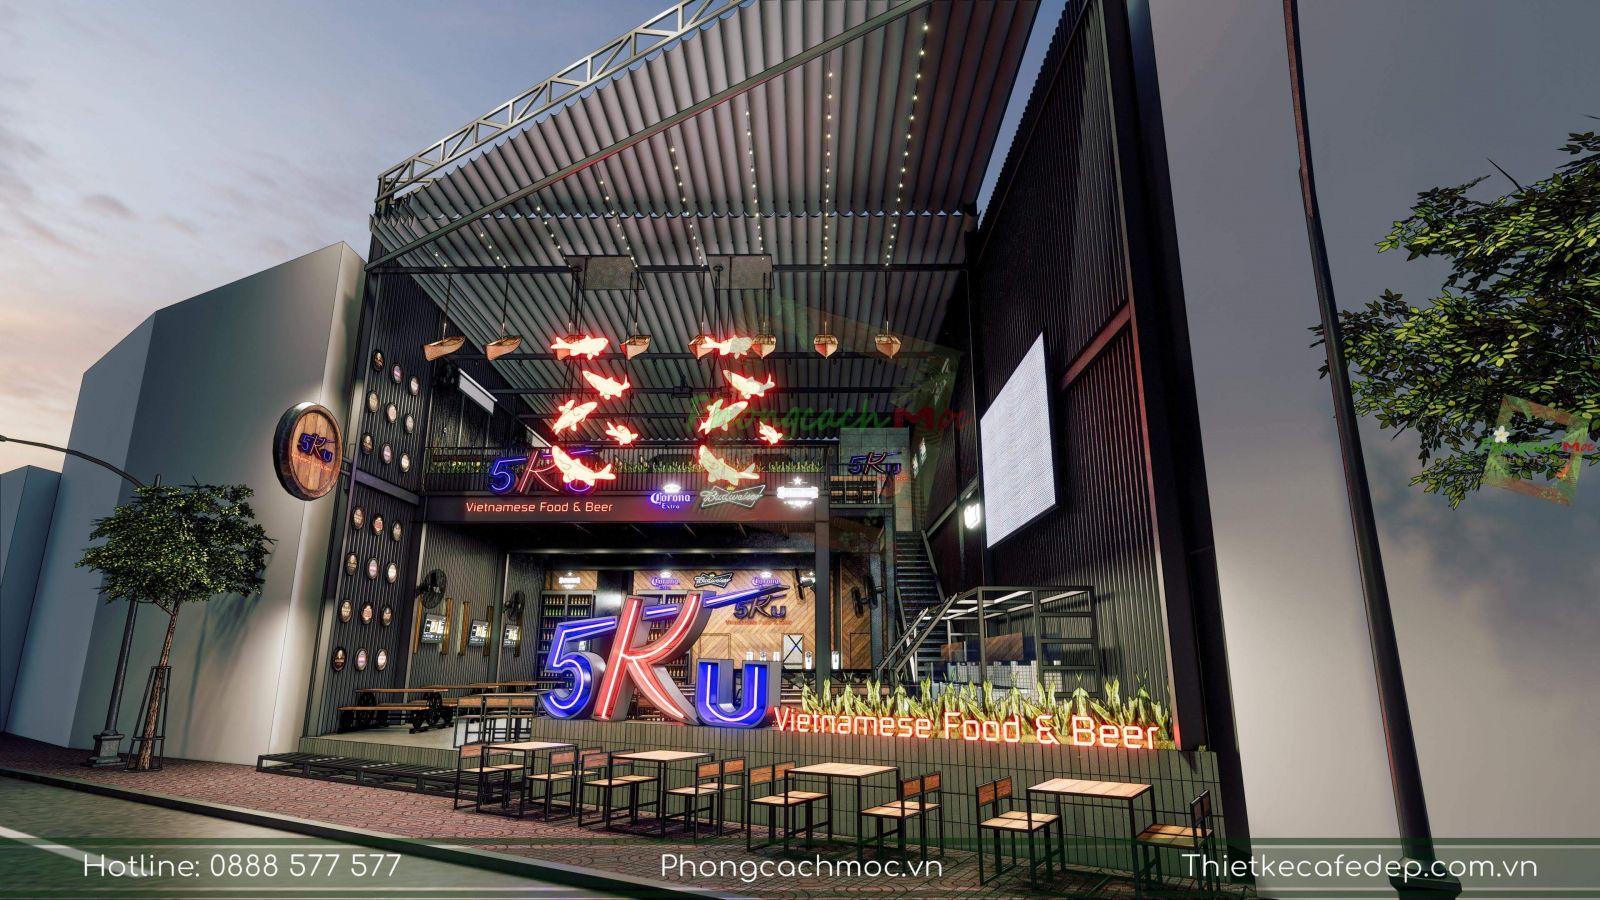 pcm thiết kế nhà hàng 5ku tại quận 1 tphcm